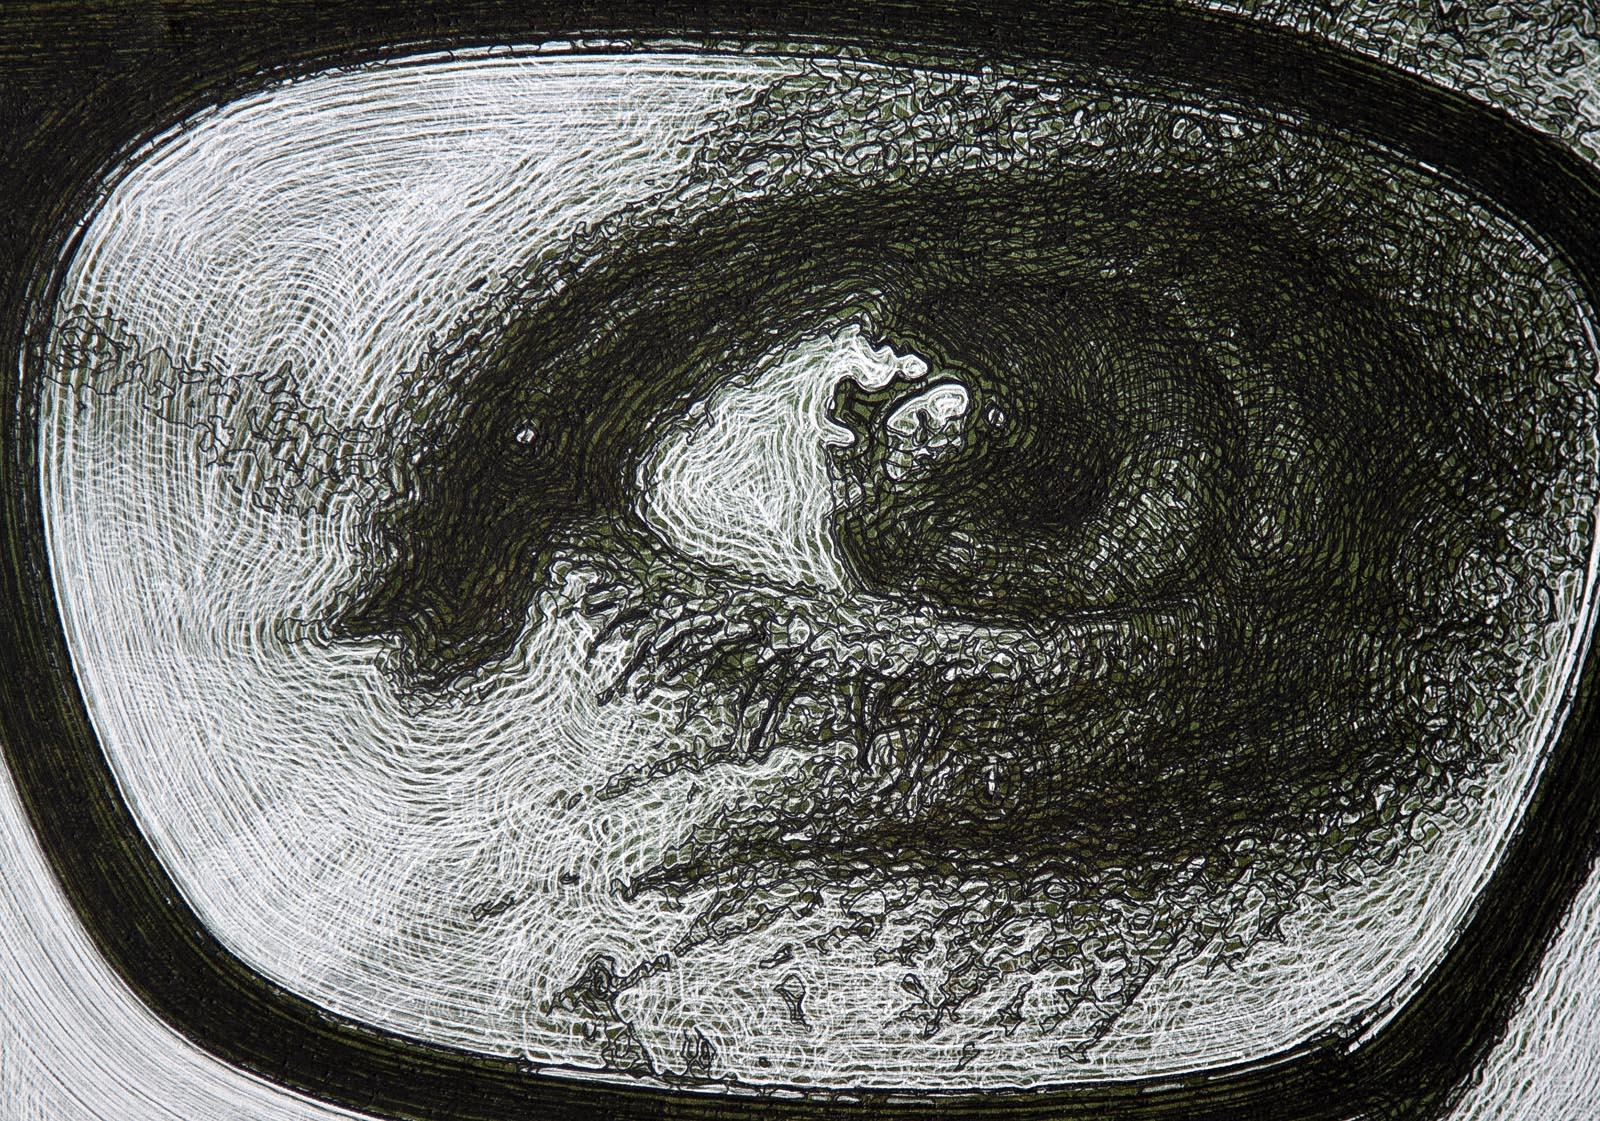 Kresba Drivkem Graficke Kresleni